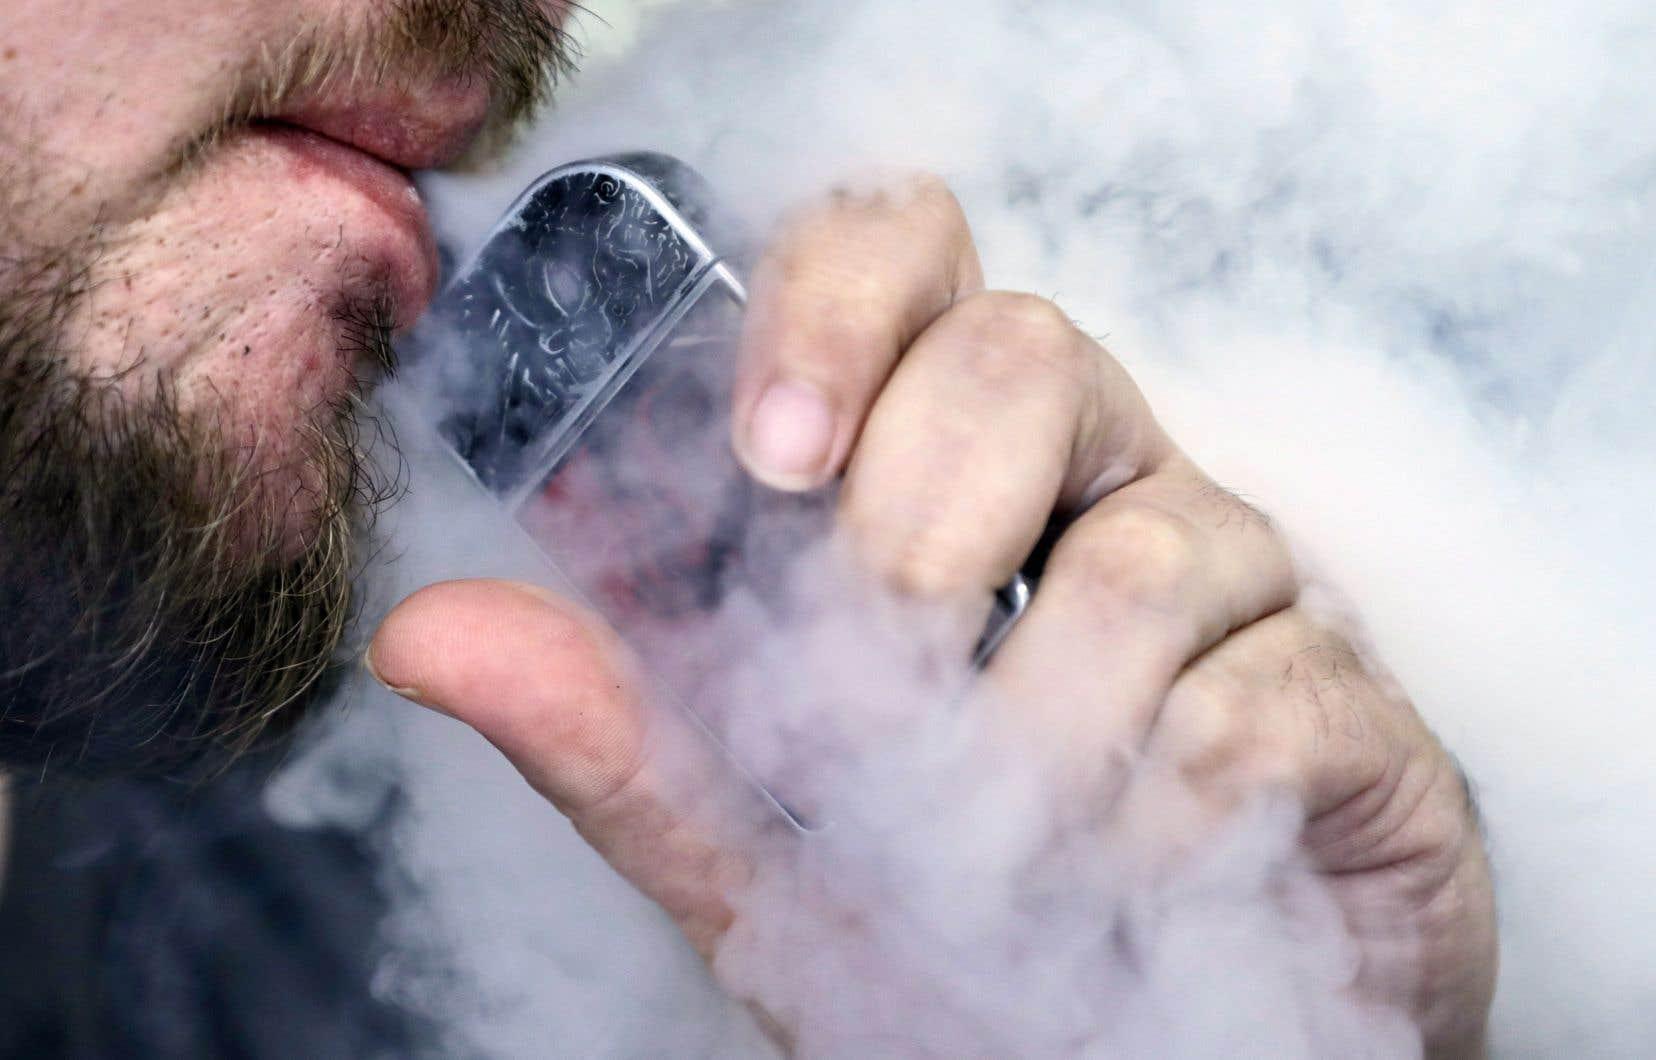 Les produits de vapotage, qu'ils comportent ou non de la nicotine, peuventprésenter des risques non négligeables pour la santé.